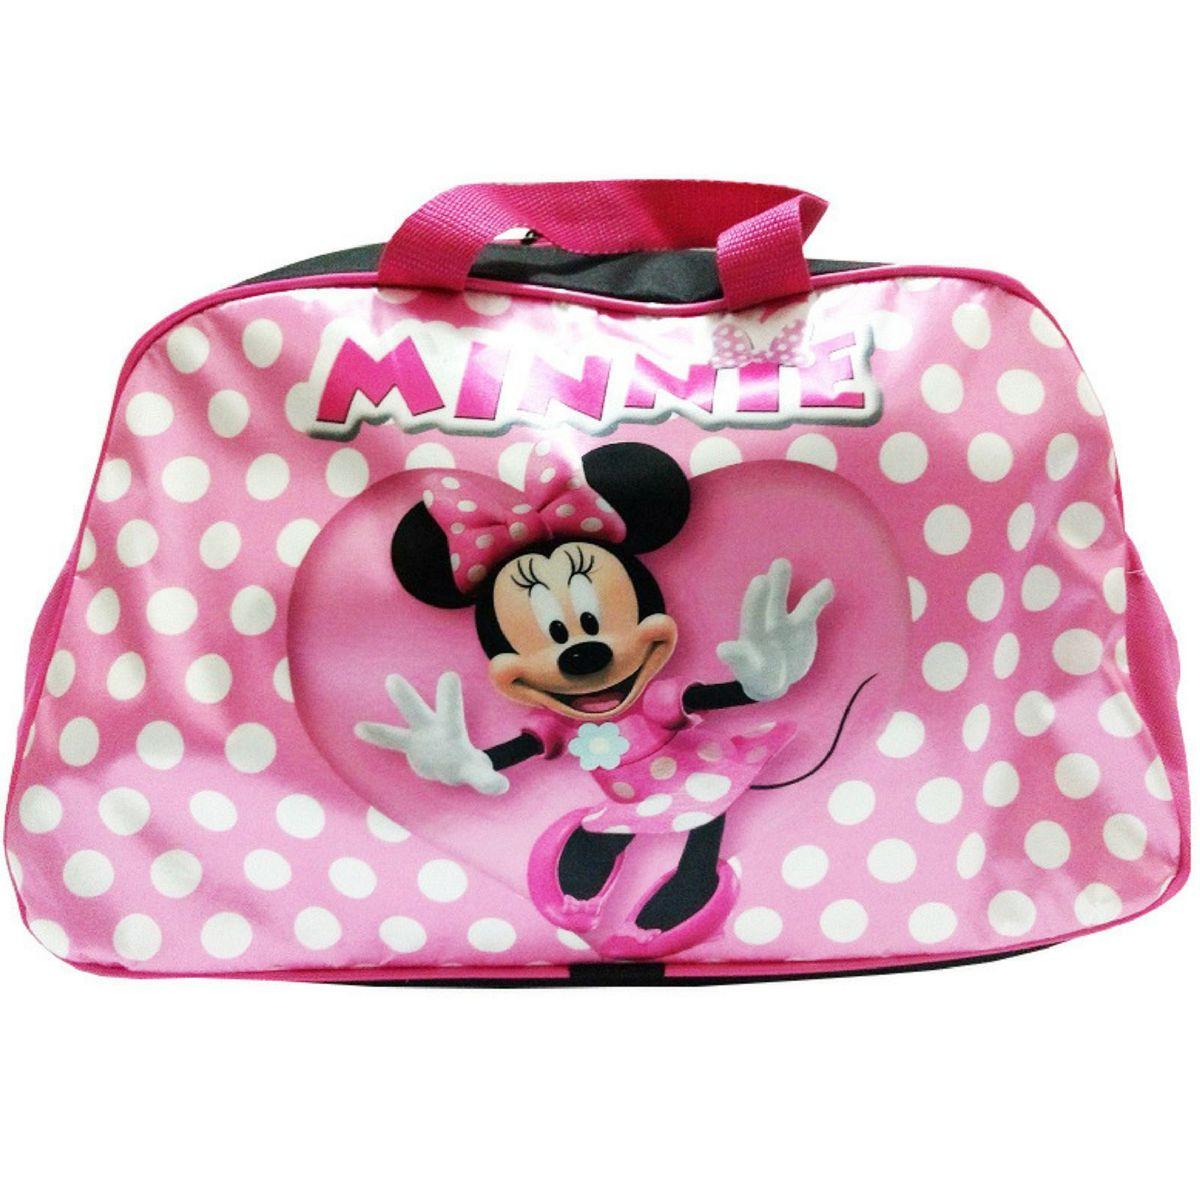 f69347b0b Bolsa de Viagem Infantil Minnie Mouse | Item Infantil Nunca Usado 28223071  | enjoei